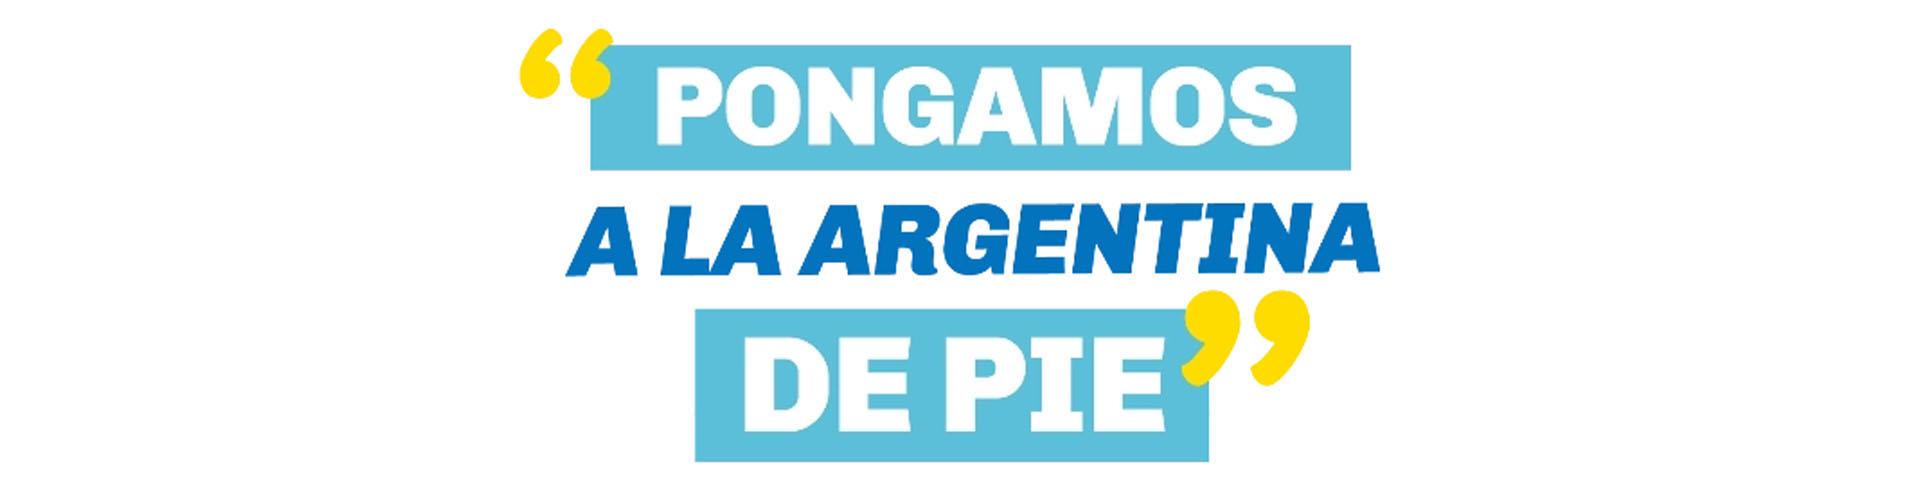 Políticos en el recreo - Sergio Massa - Sticker - Pongamos a la argentina de pie